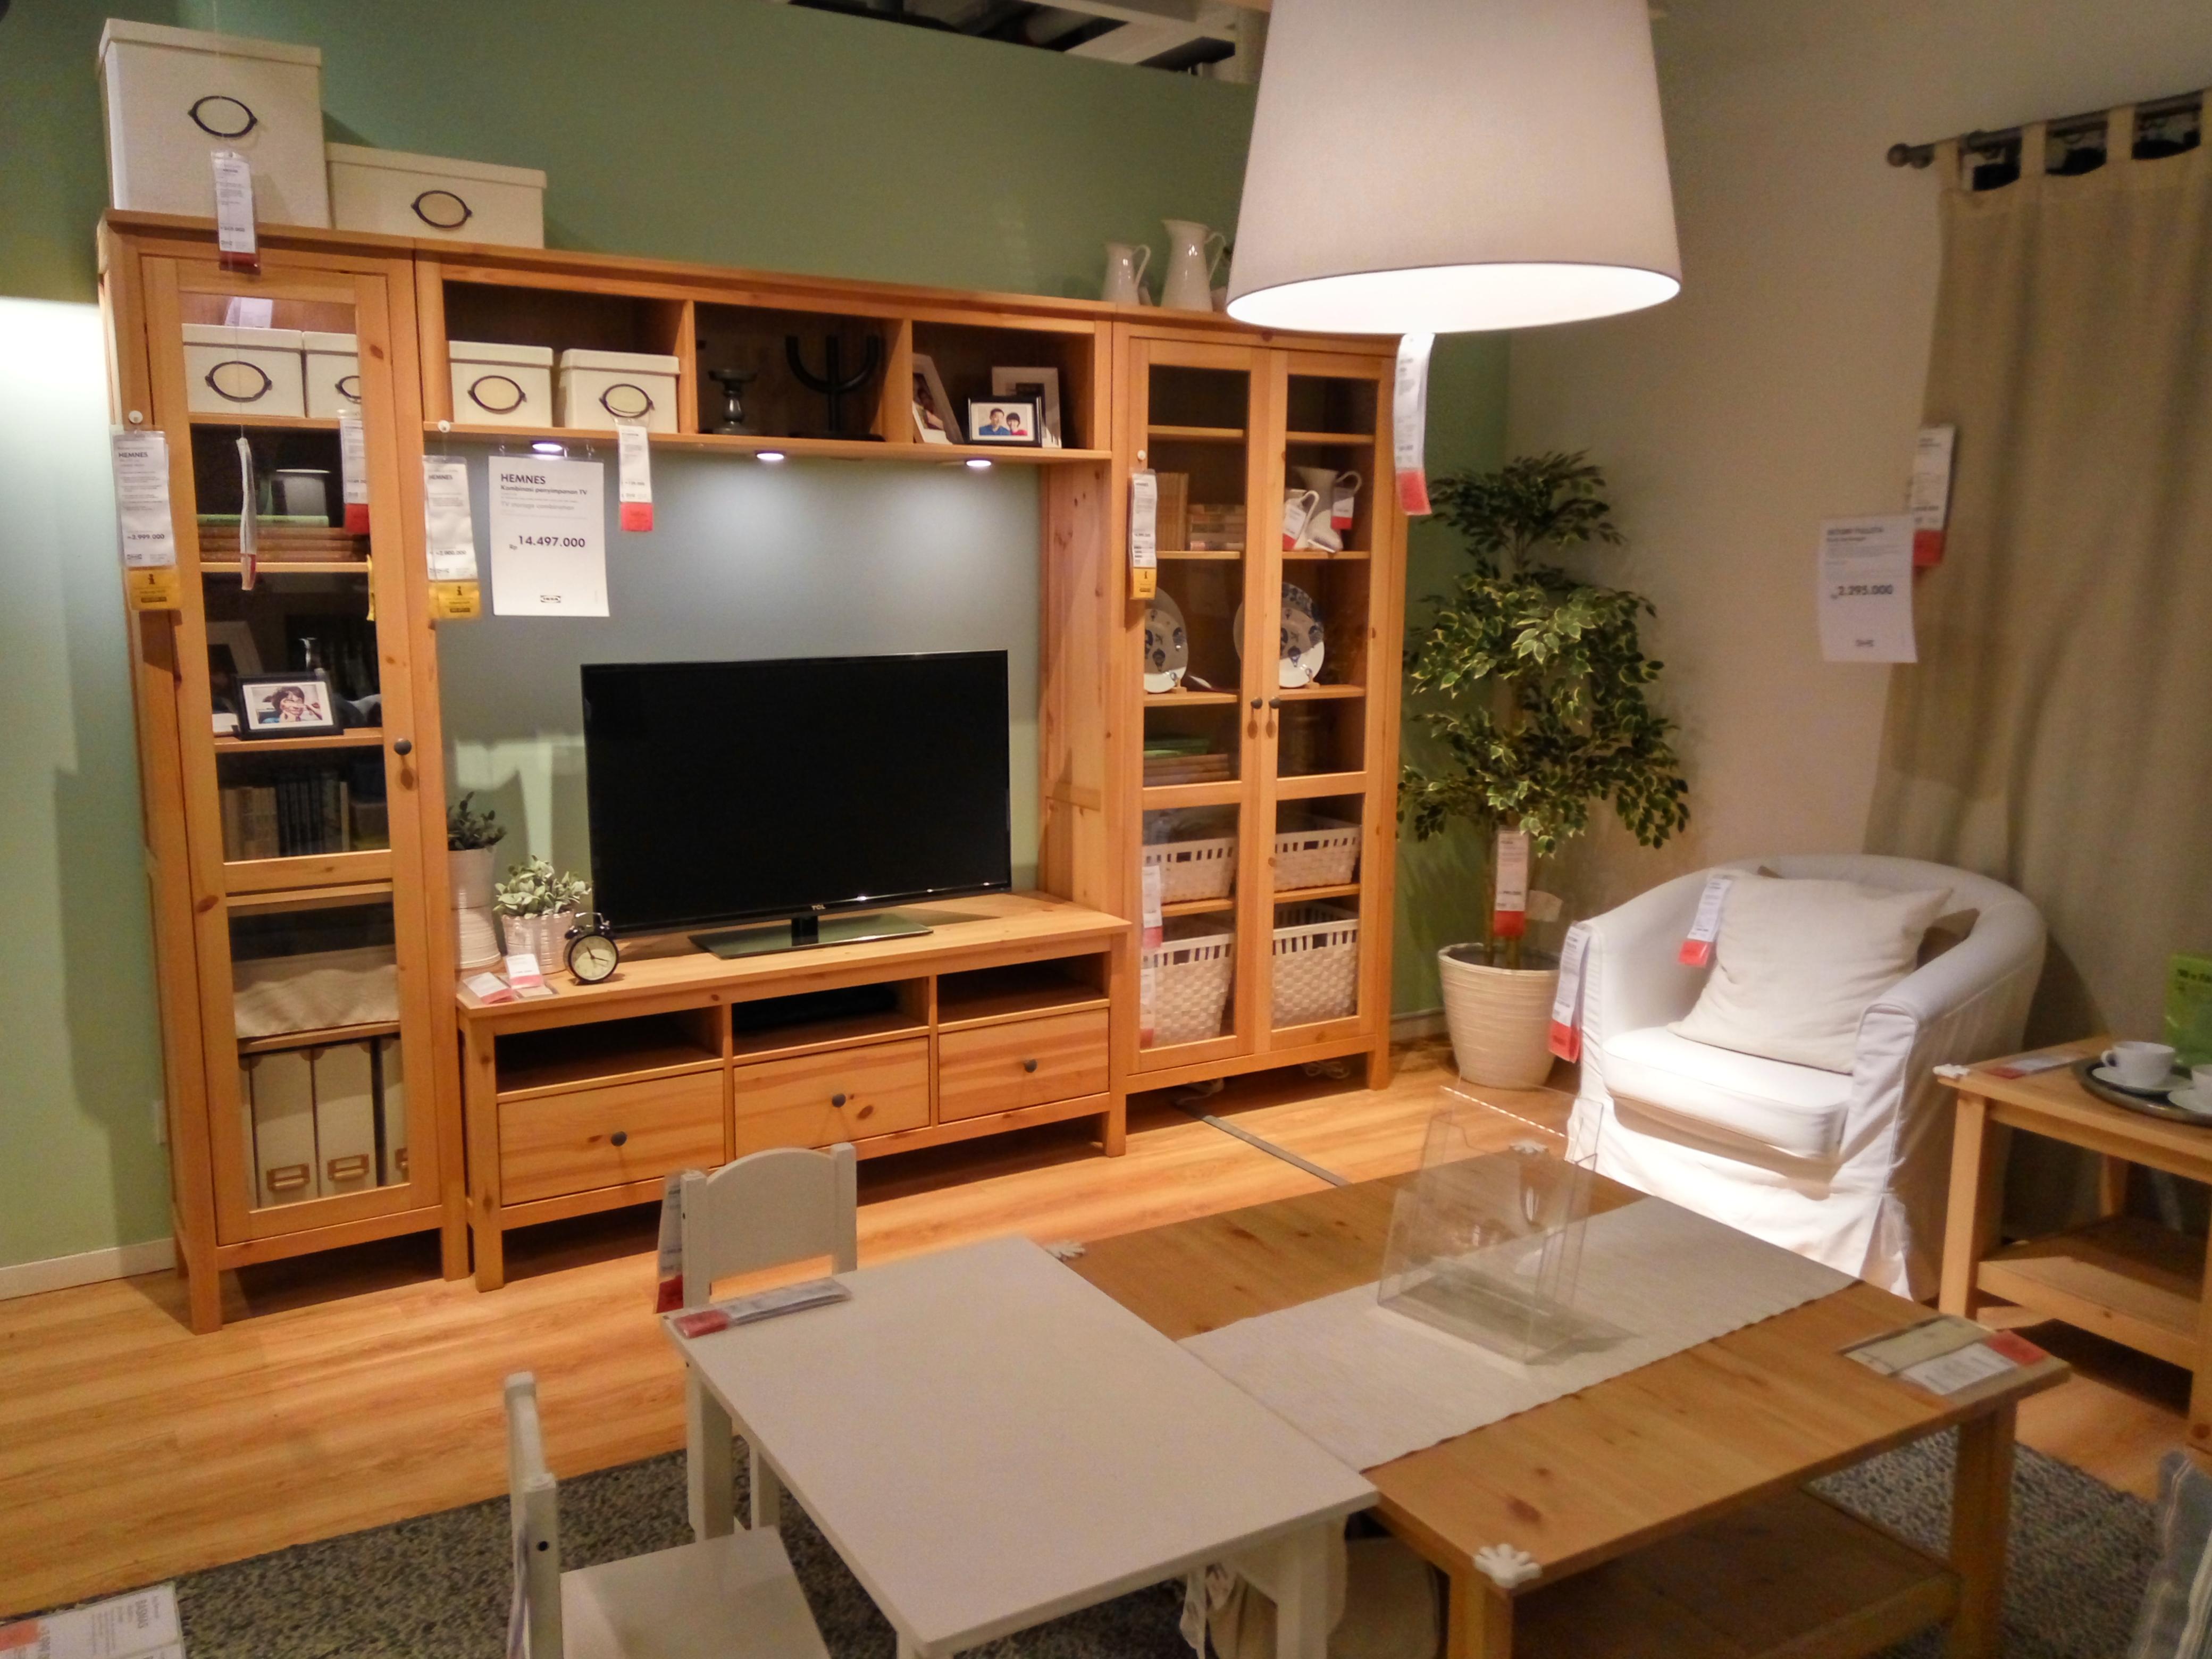 Contoh desain interior rumah minimalis bagian ruang TV Keluarga